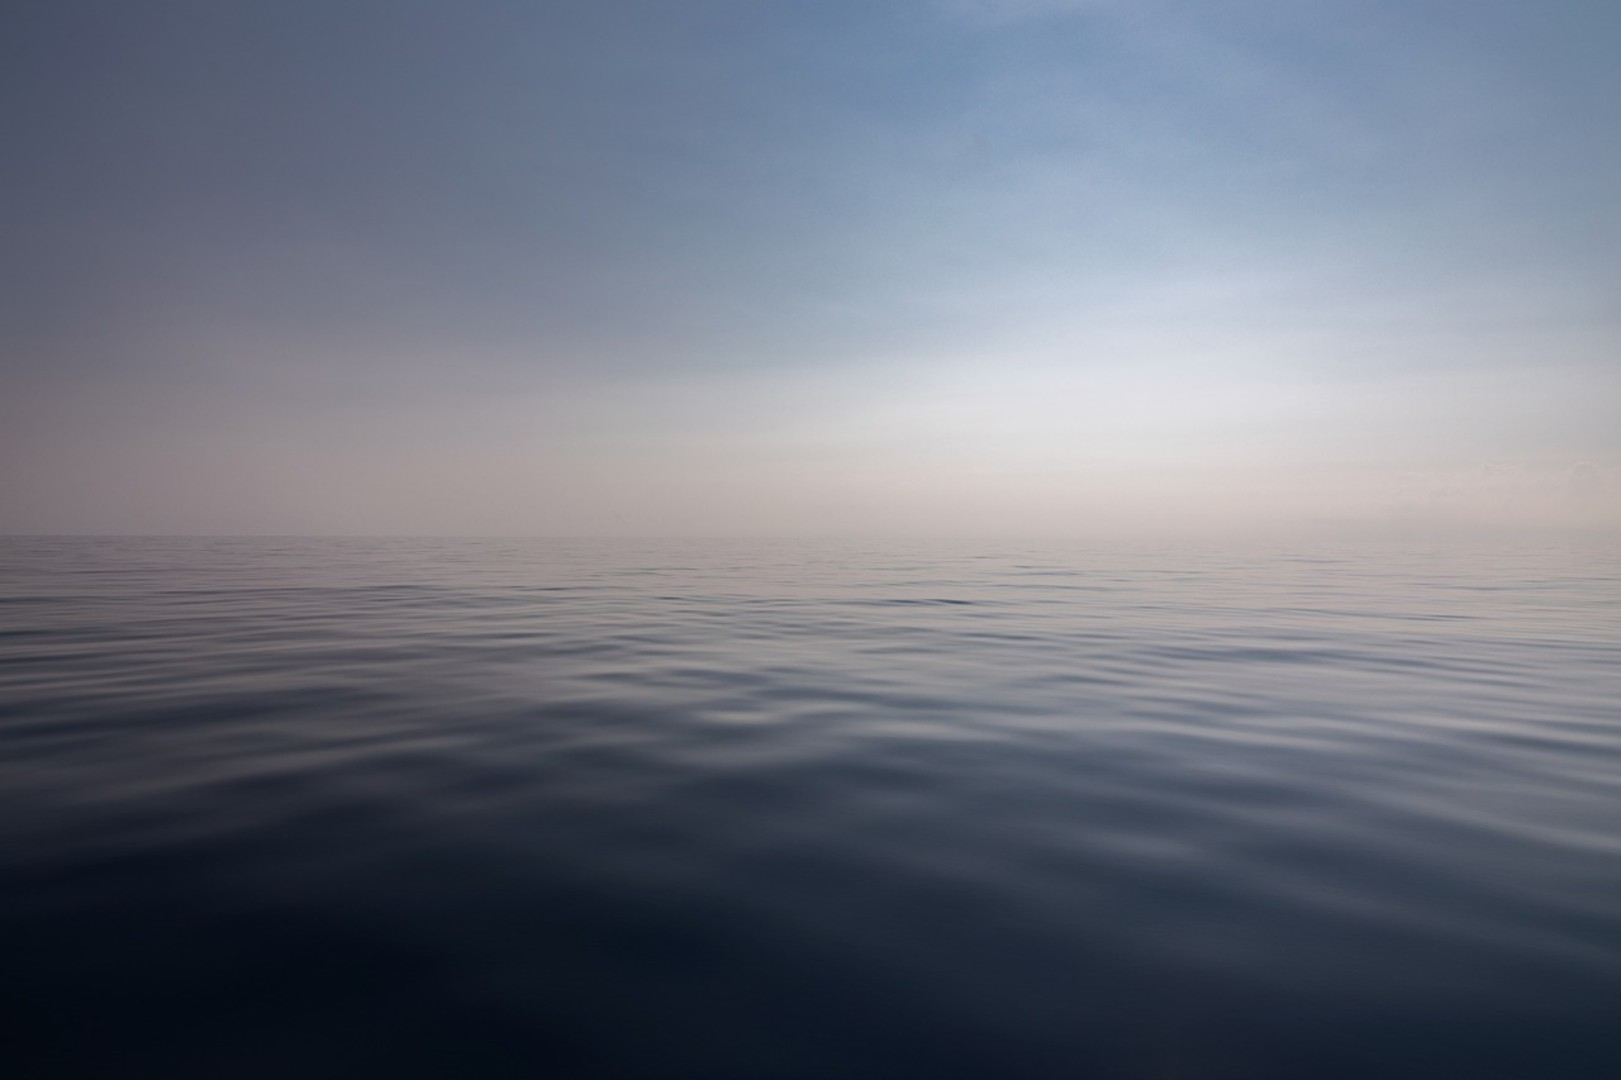 sea-3652697_1280.jpg